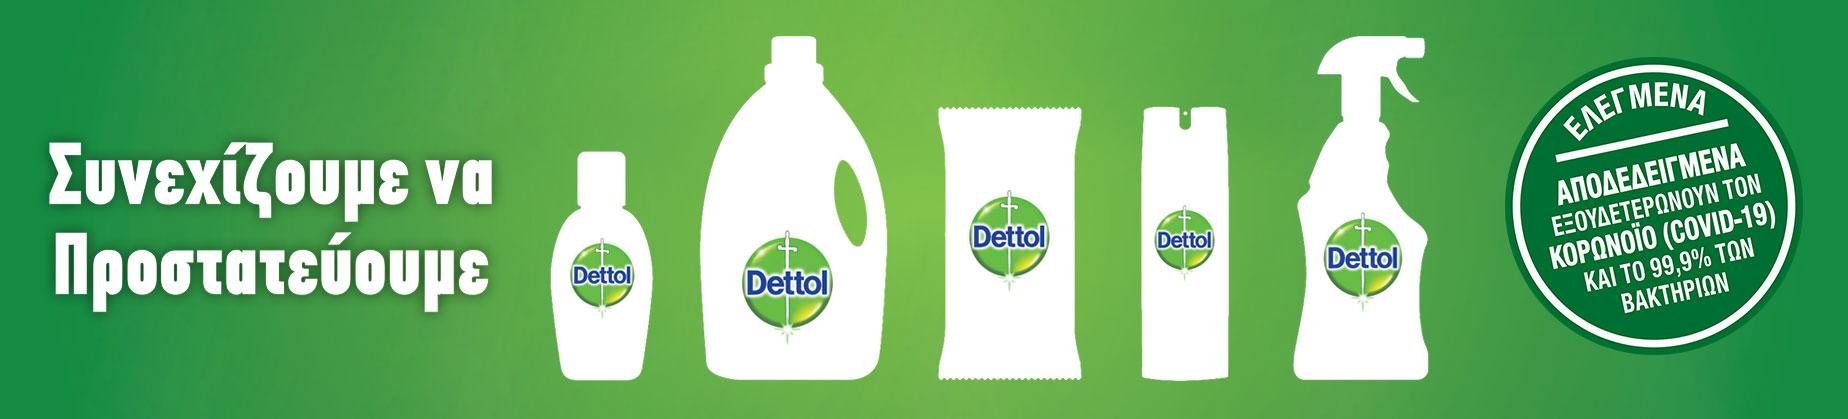 Συνεχίζουμε να πεοστατευόμαστε με Dettol